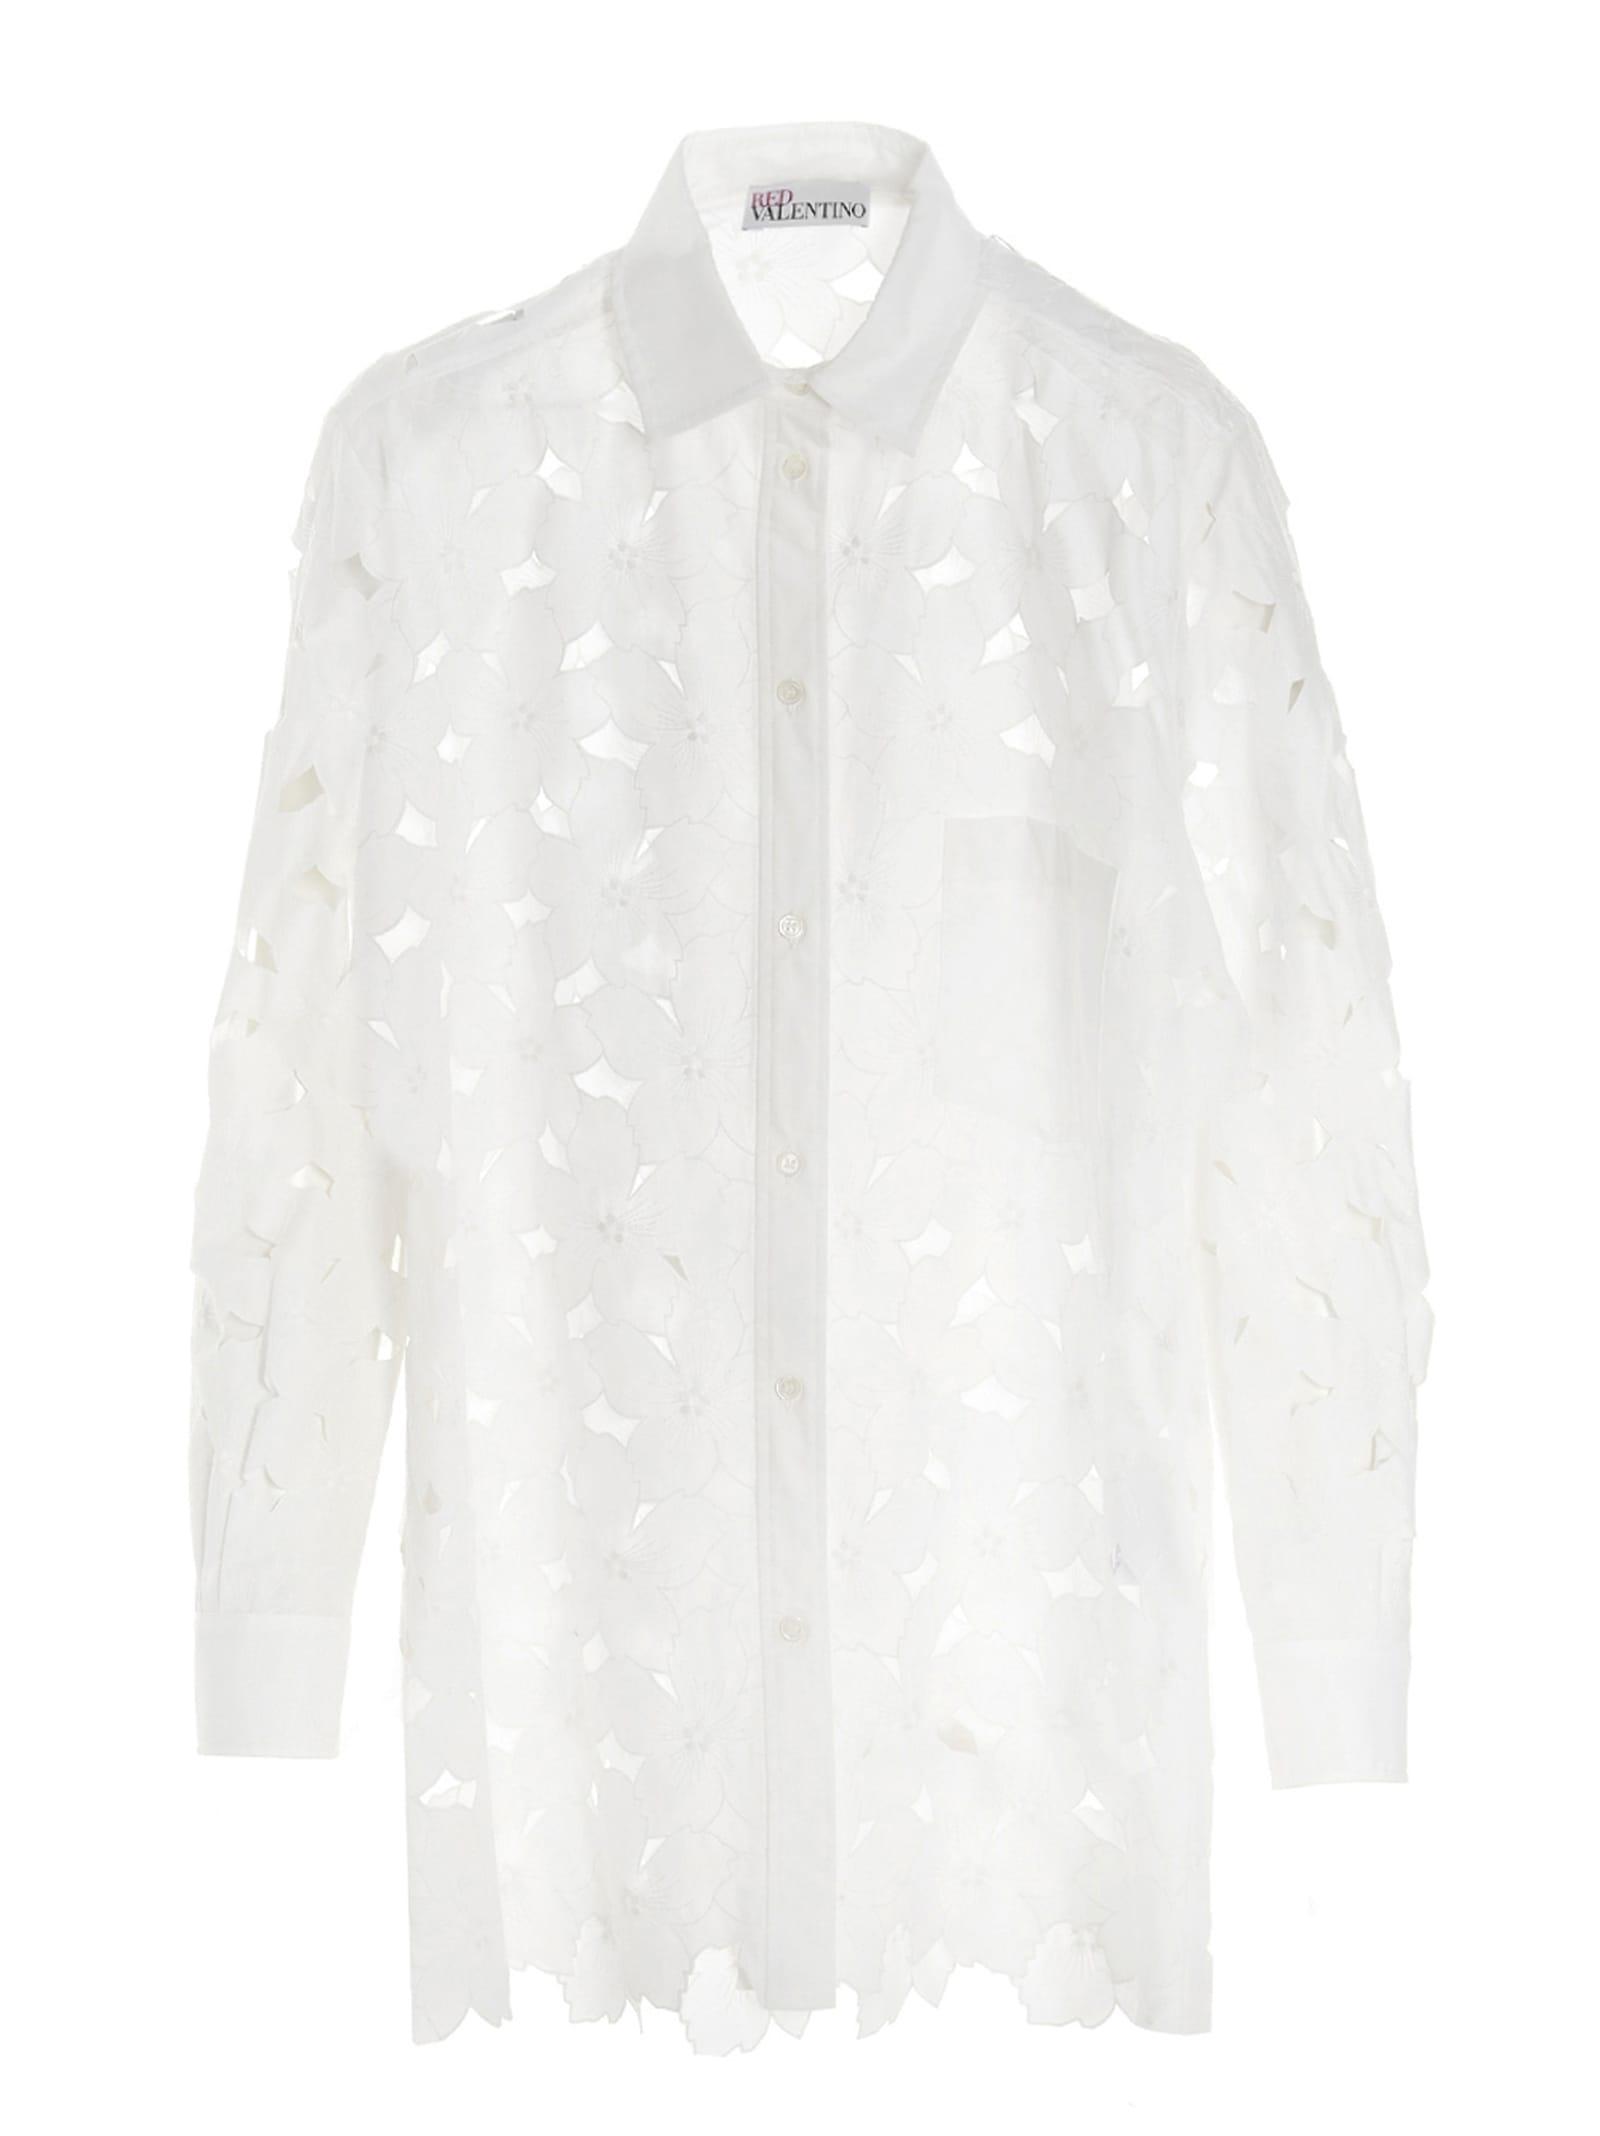 Shirt Valentino